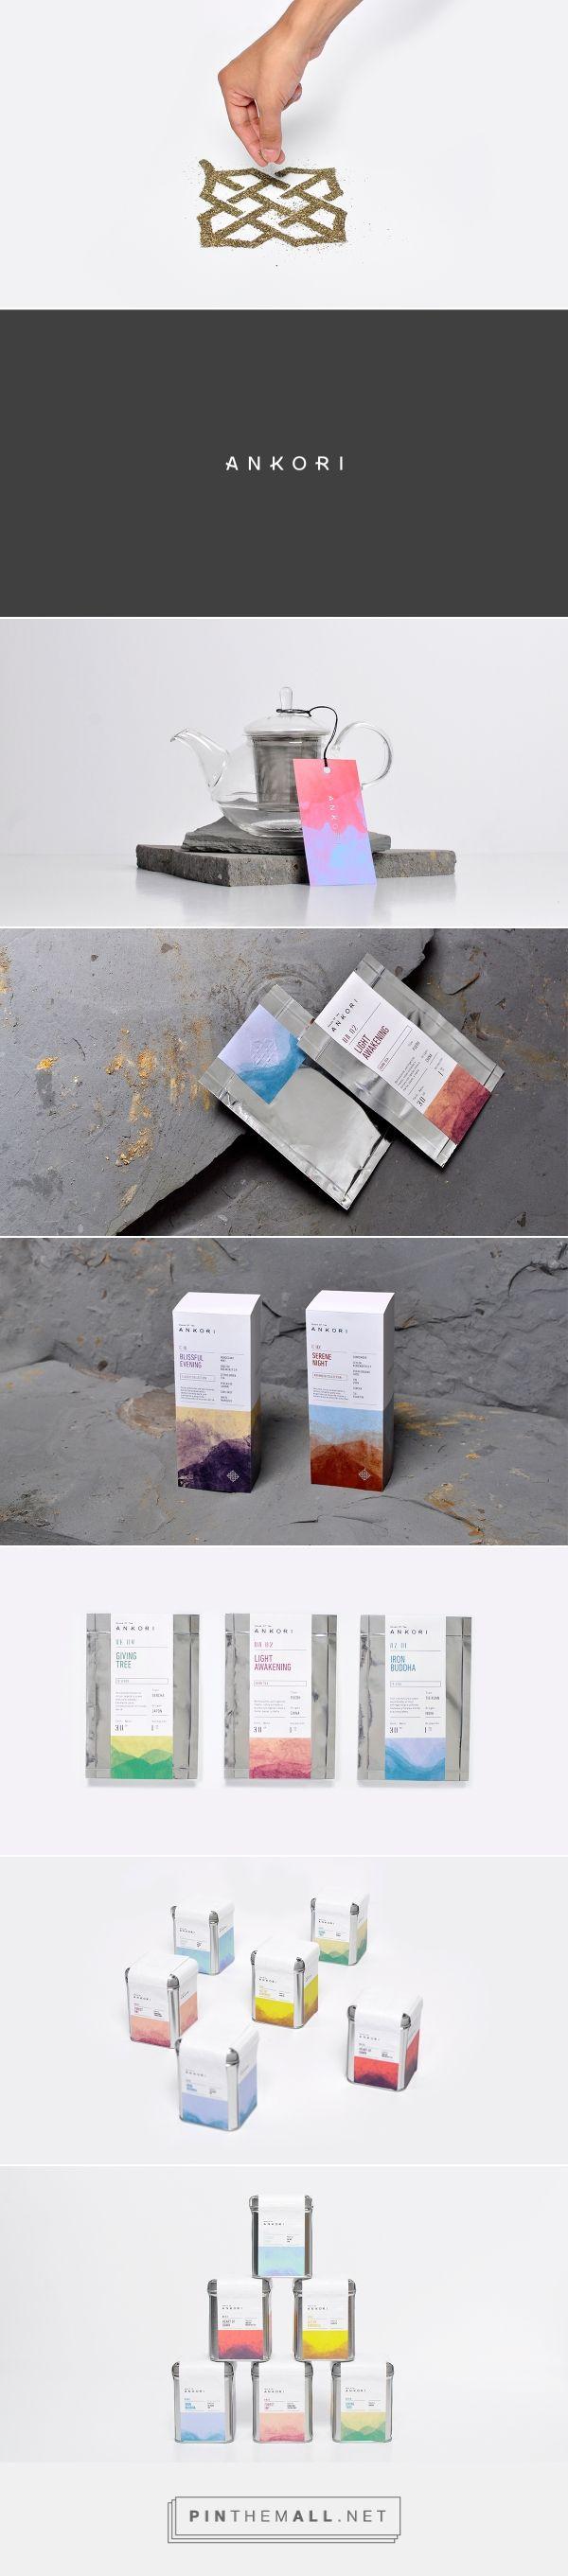 Ankori / Tea by Firmalt ⋅